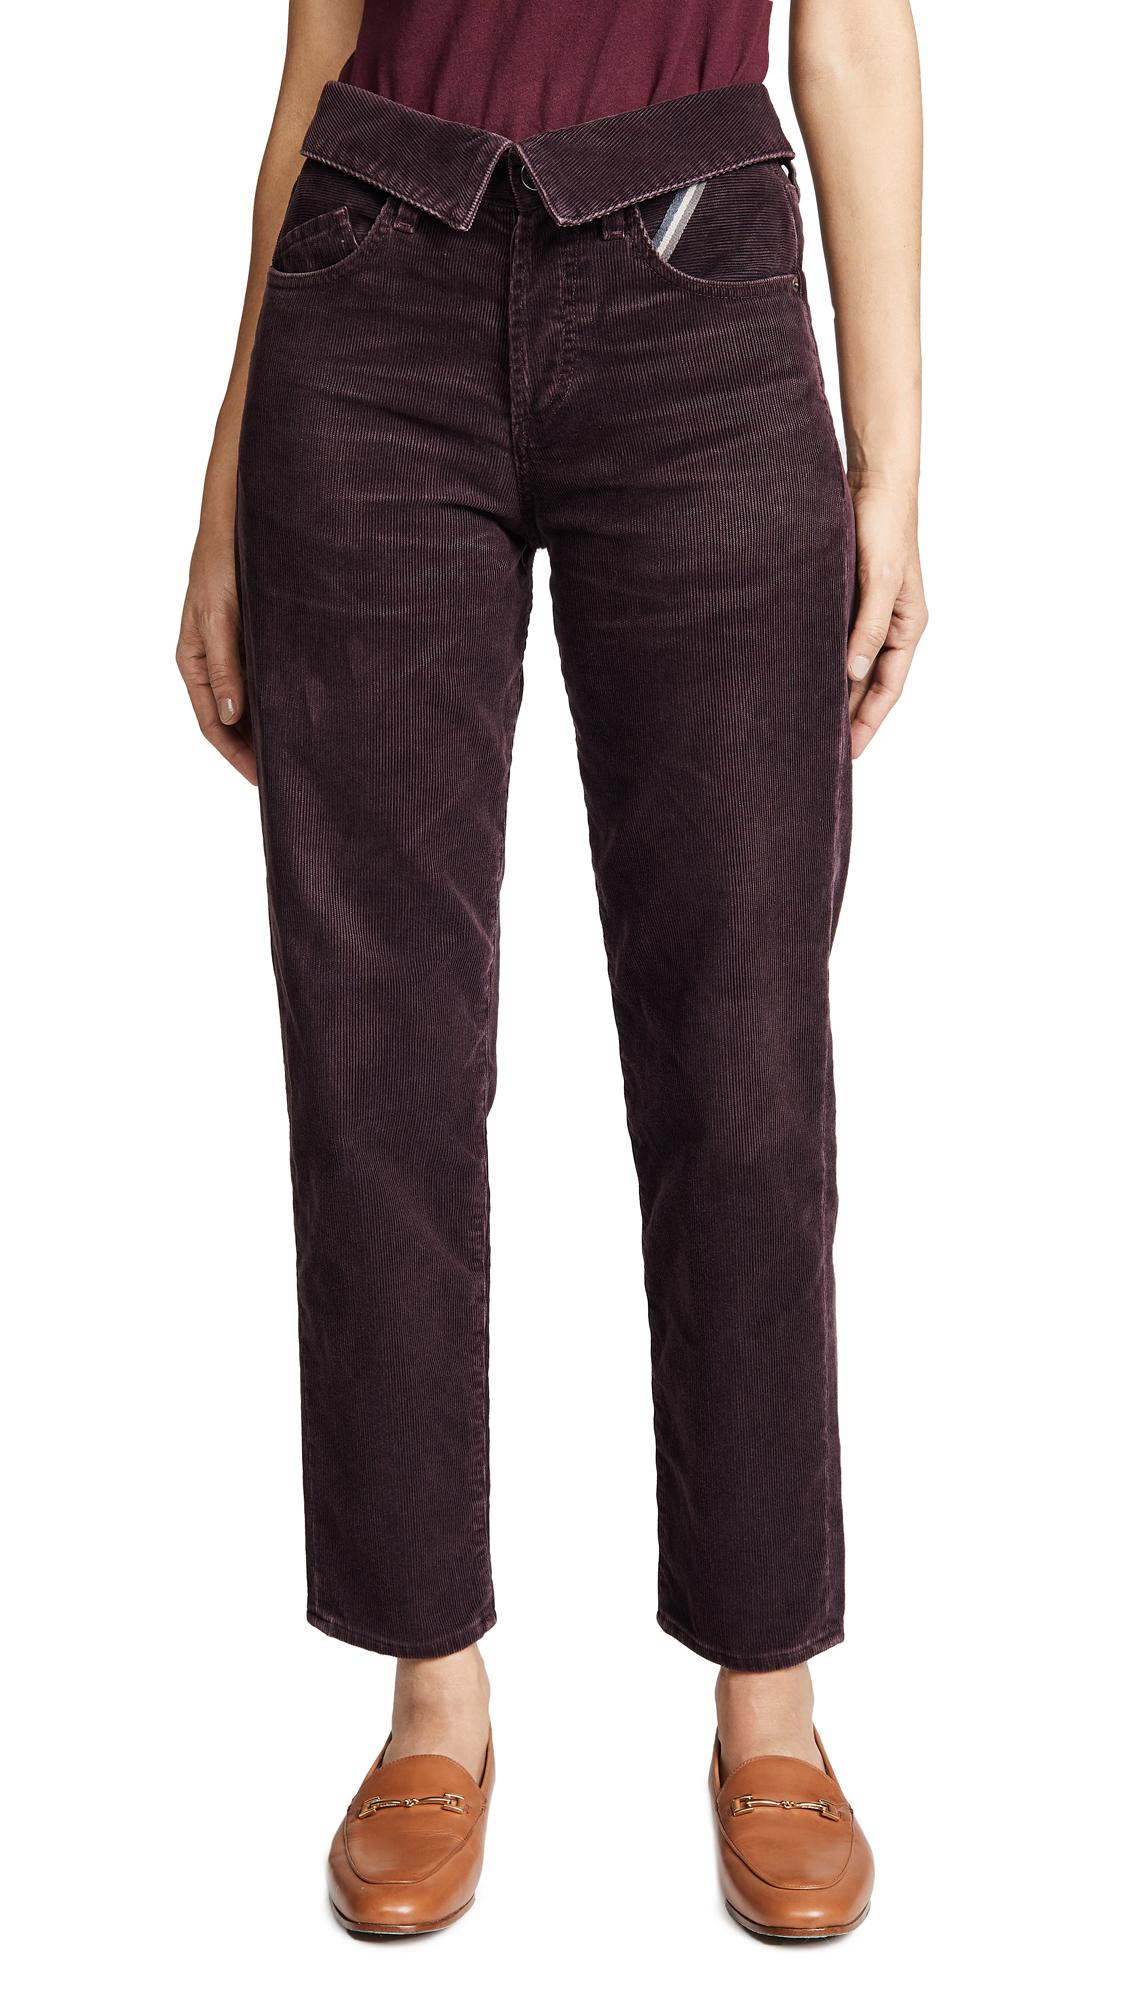 JEAN ATELIER Flip Fold-Over Corduroy Jeans in Plum